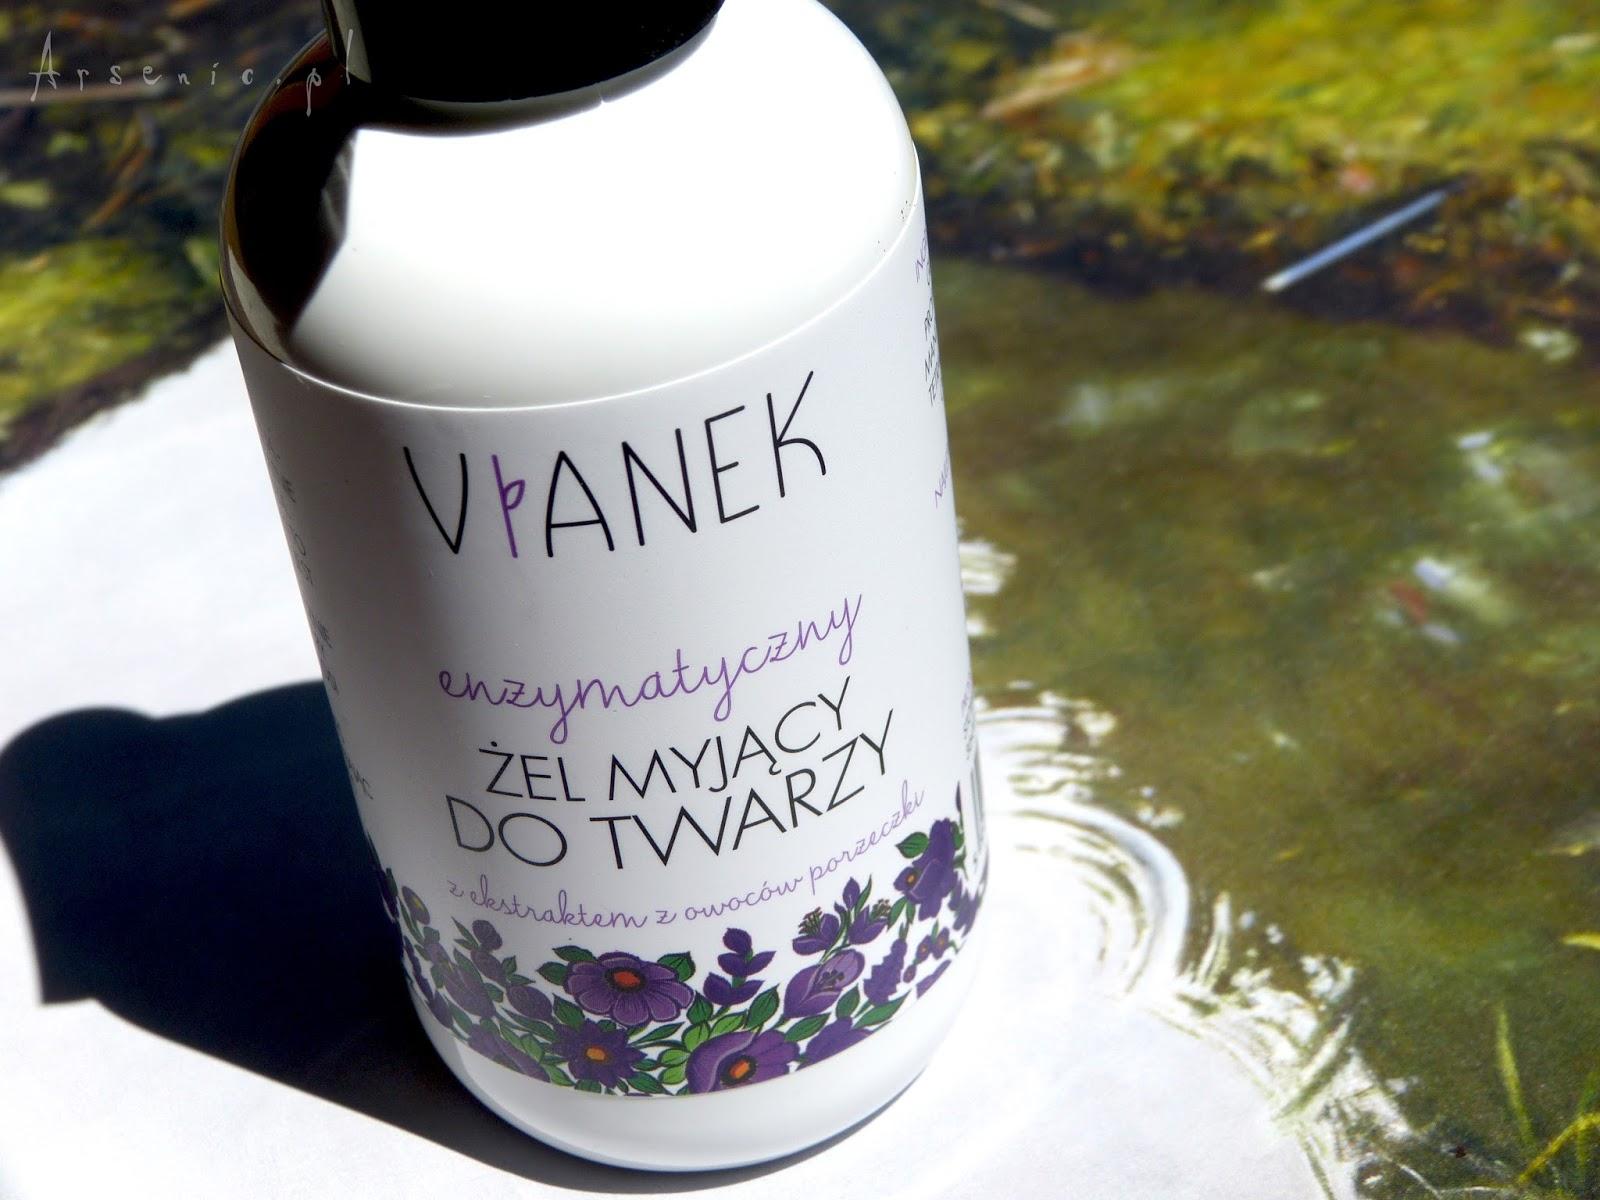 Vianek - enzymatyczny żel myjący z ekstraktem z owoców porzeczki